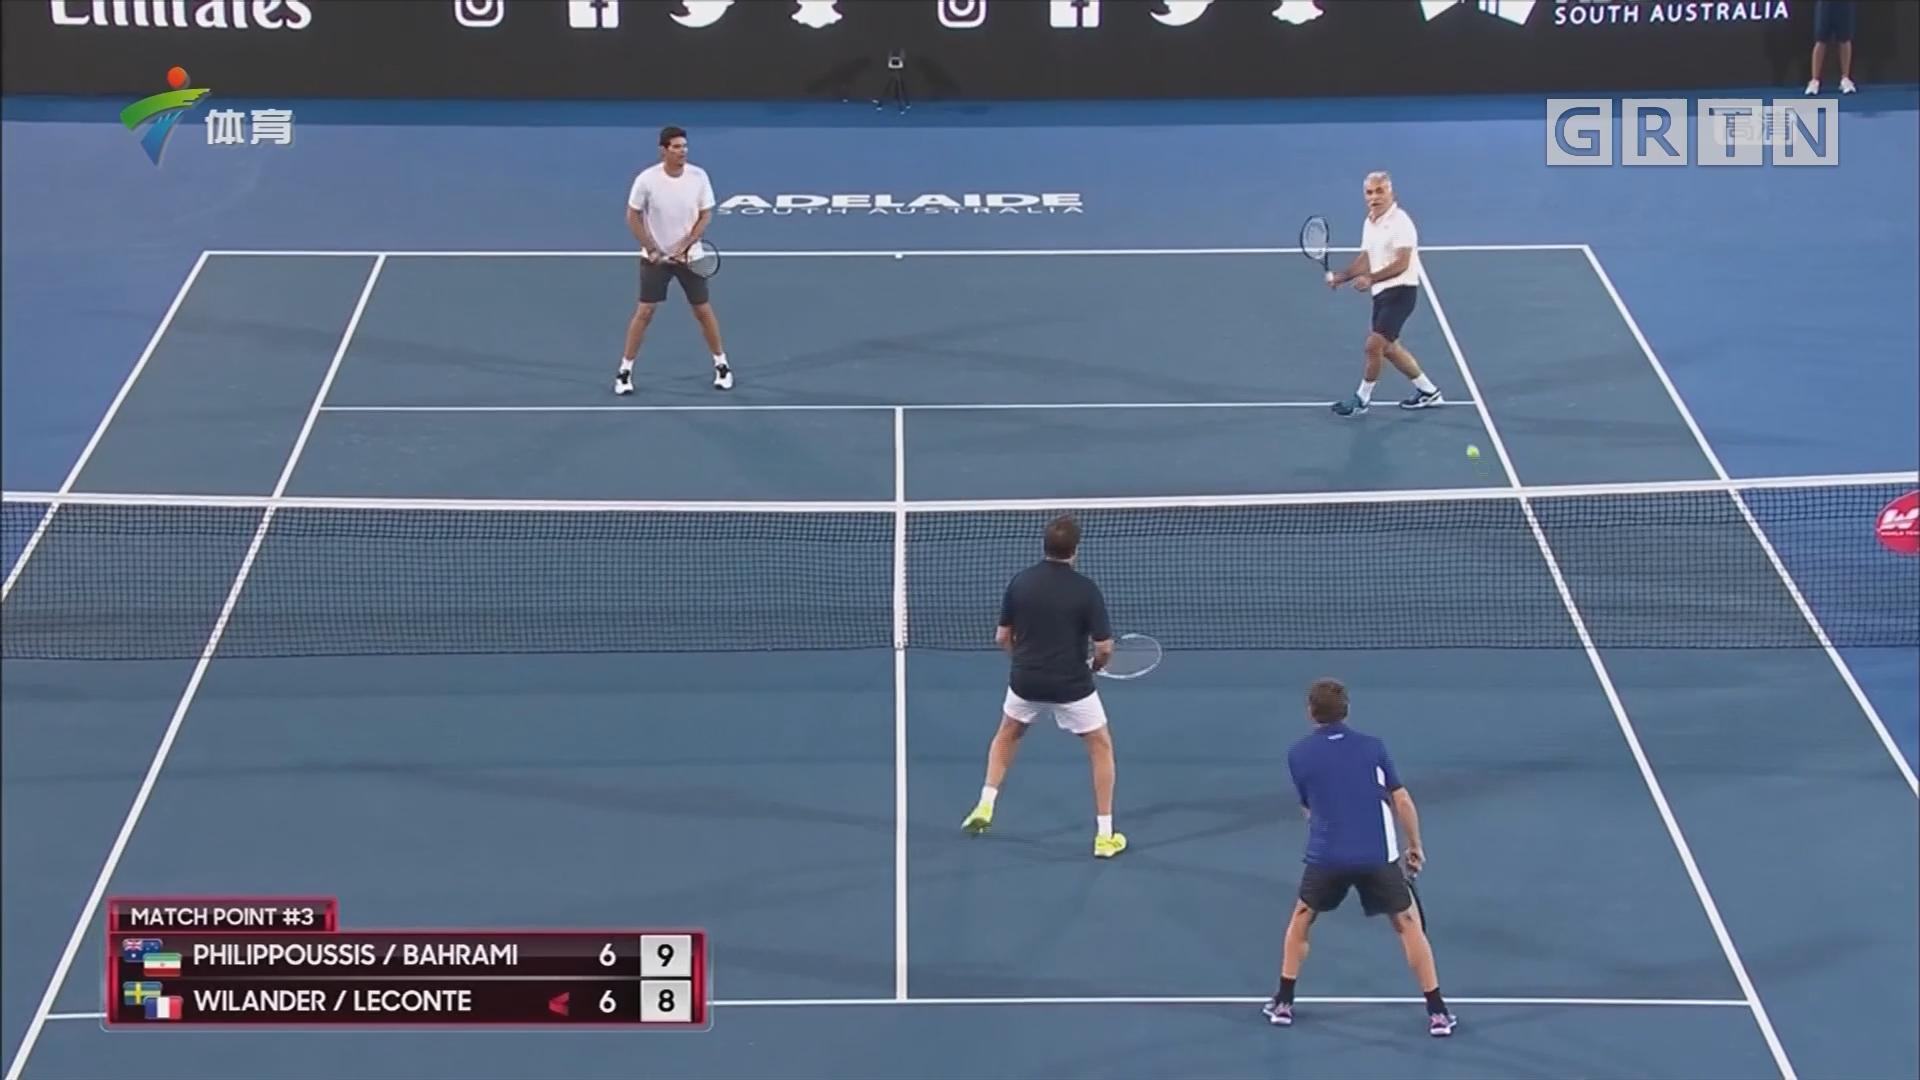 世界网球挑战赛 阿德莱德精彩上演